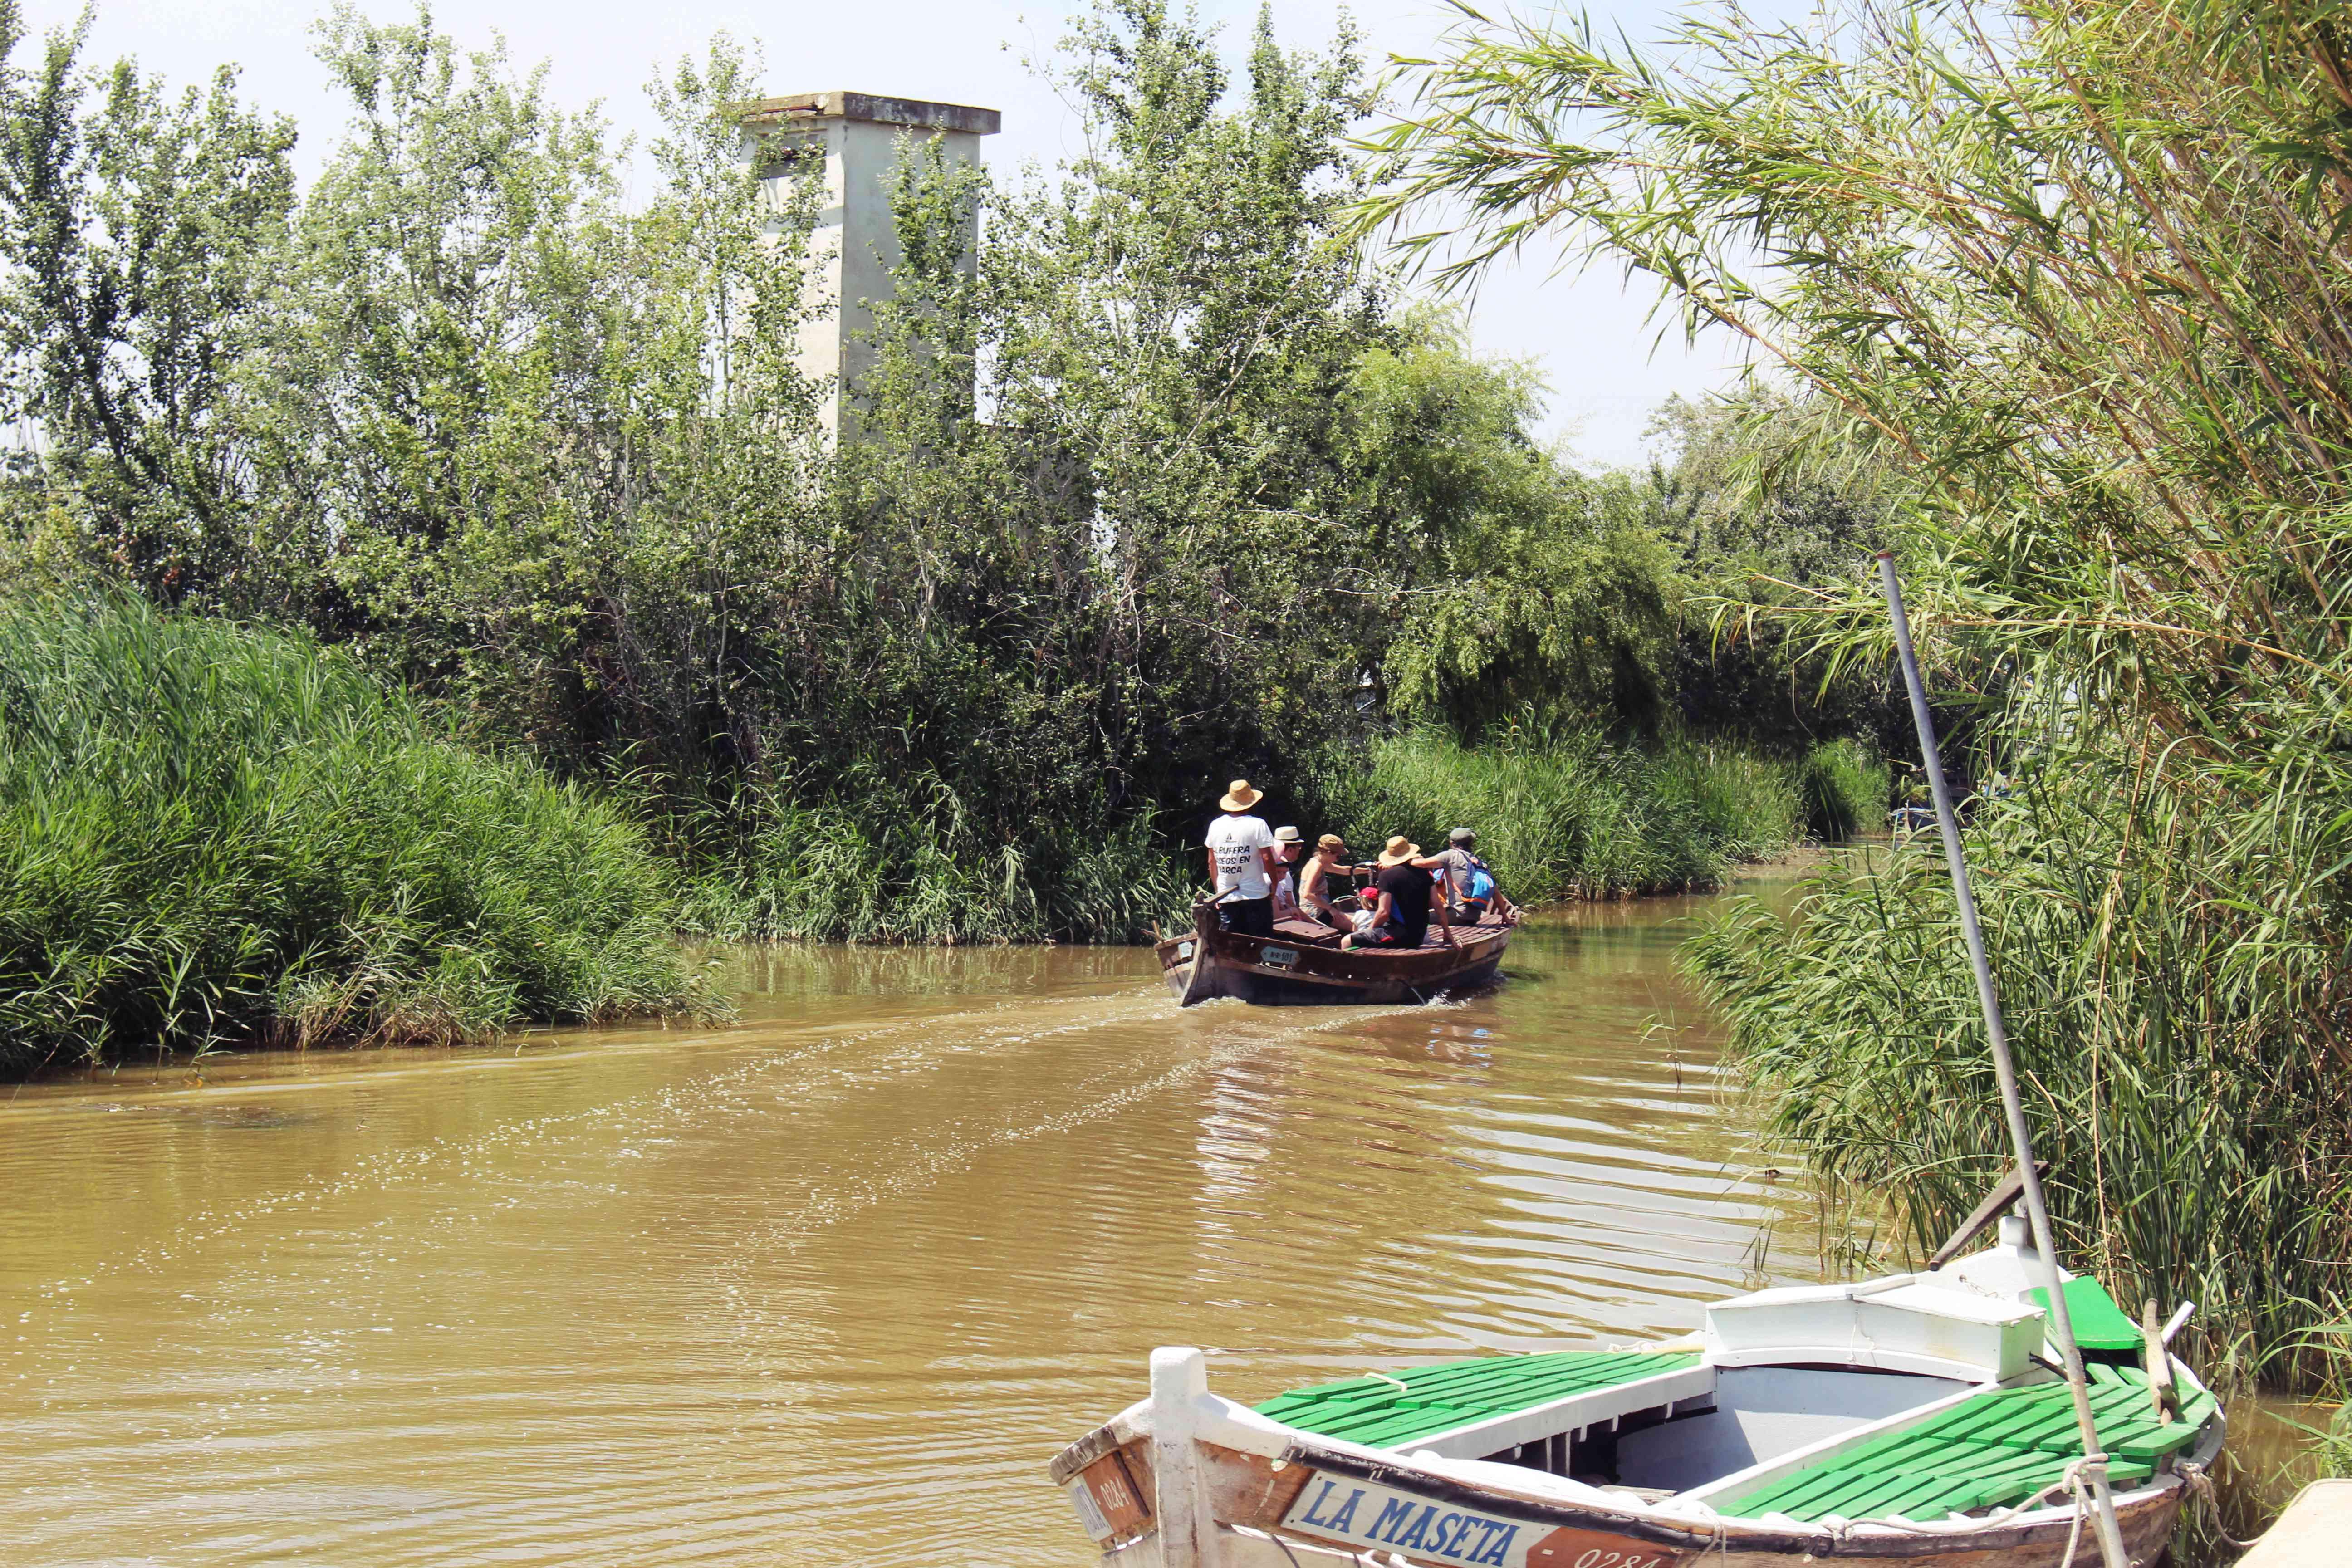 Boat tour in Albufera, near Valencia, Spain